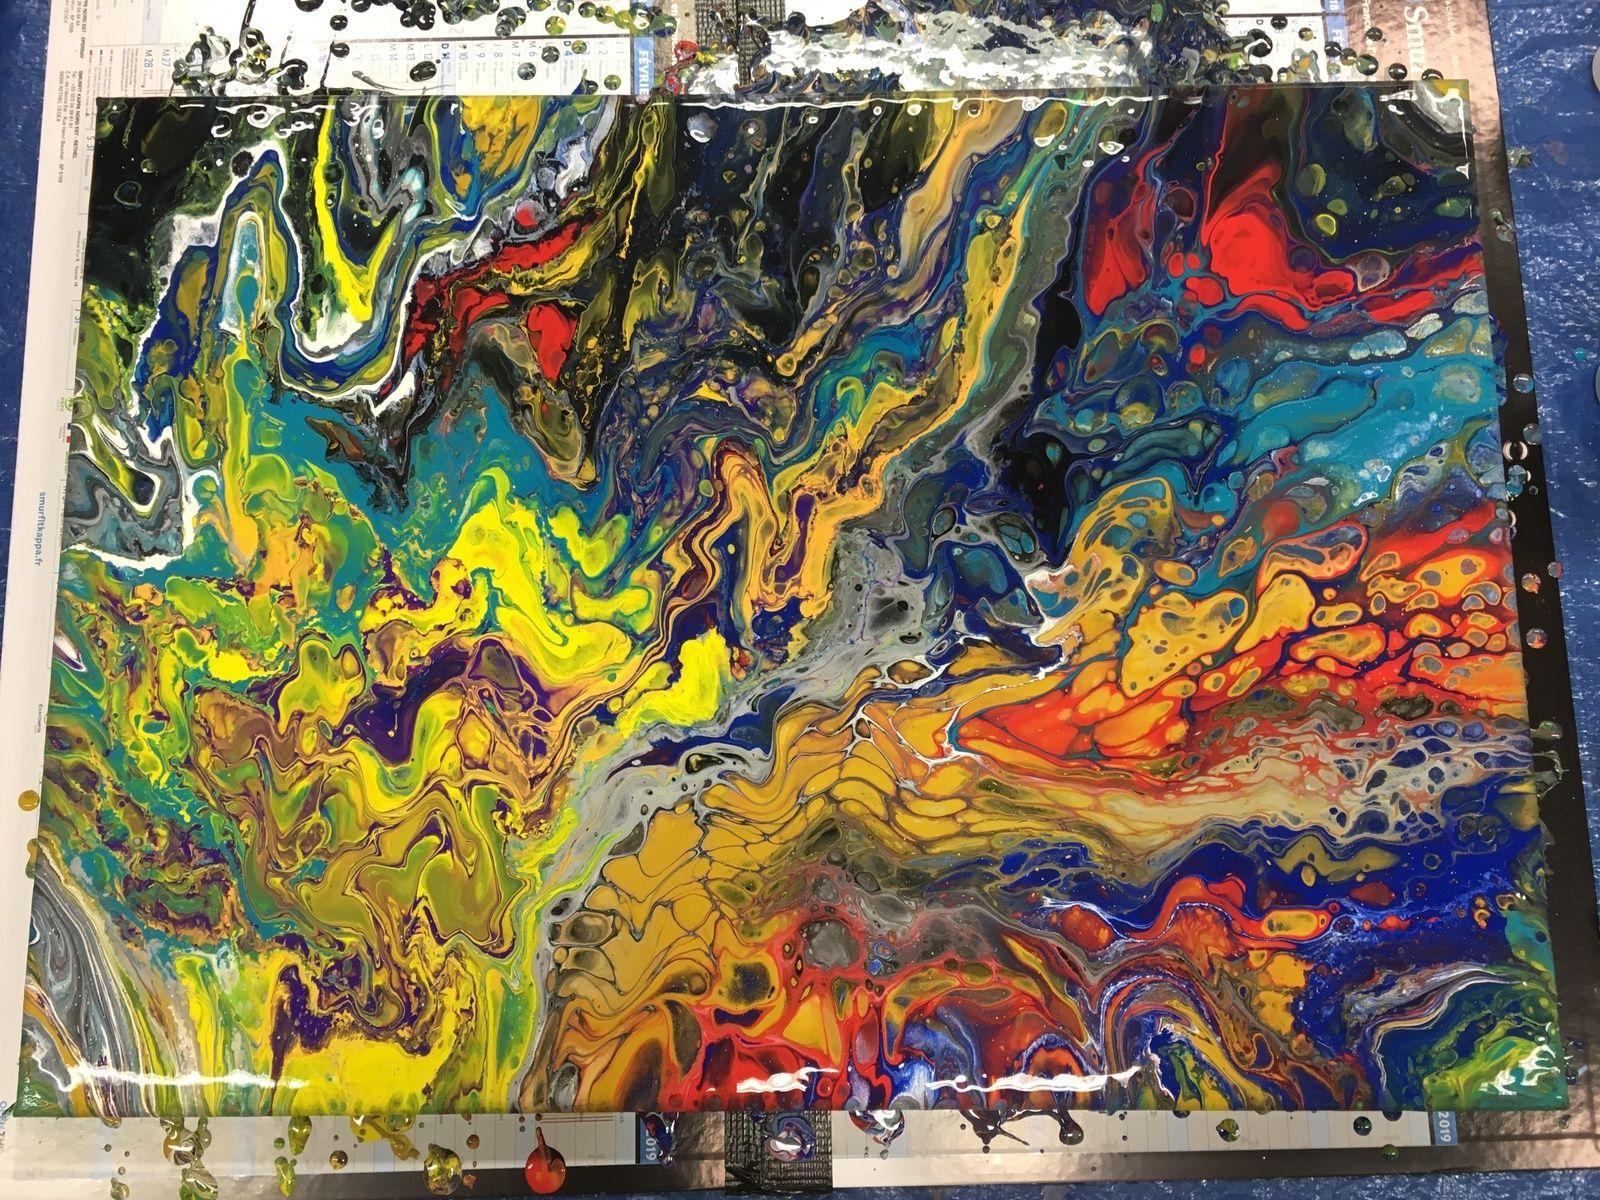 Acrylic pouring - Technique de la peinture fluide ...